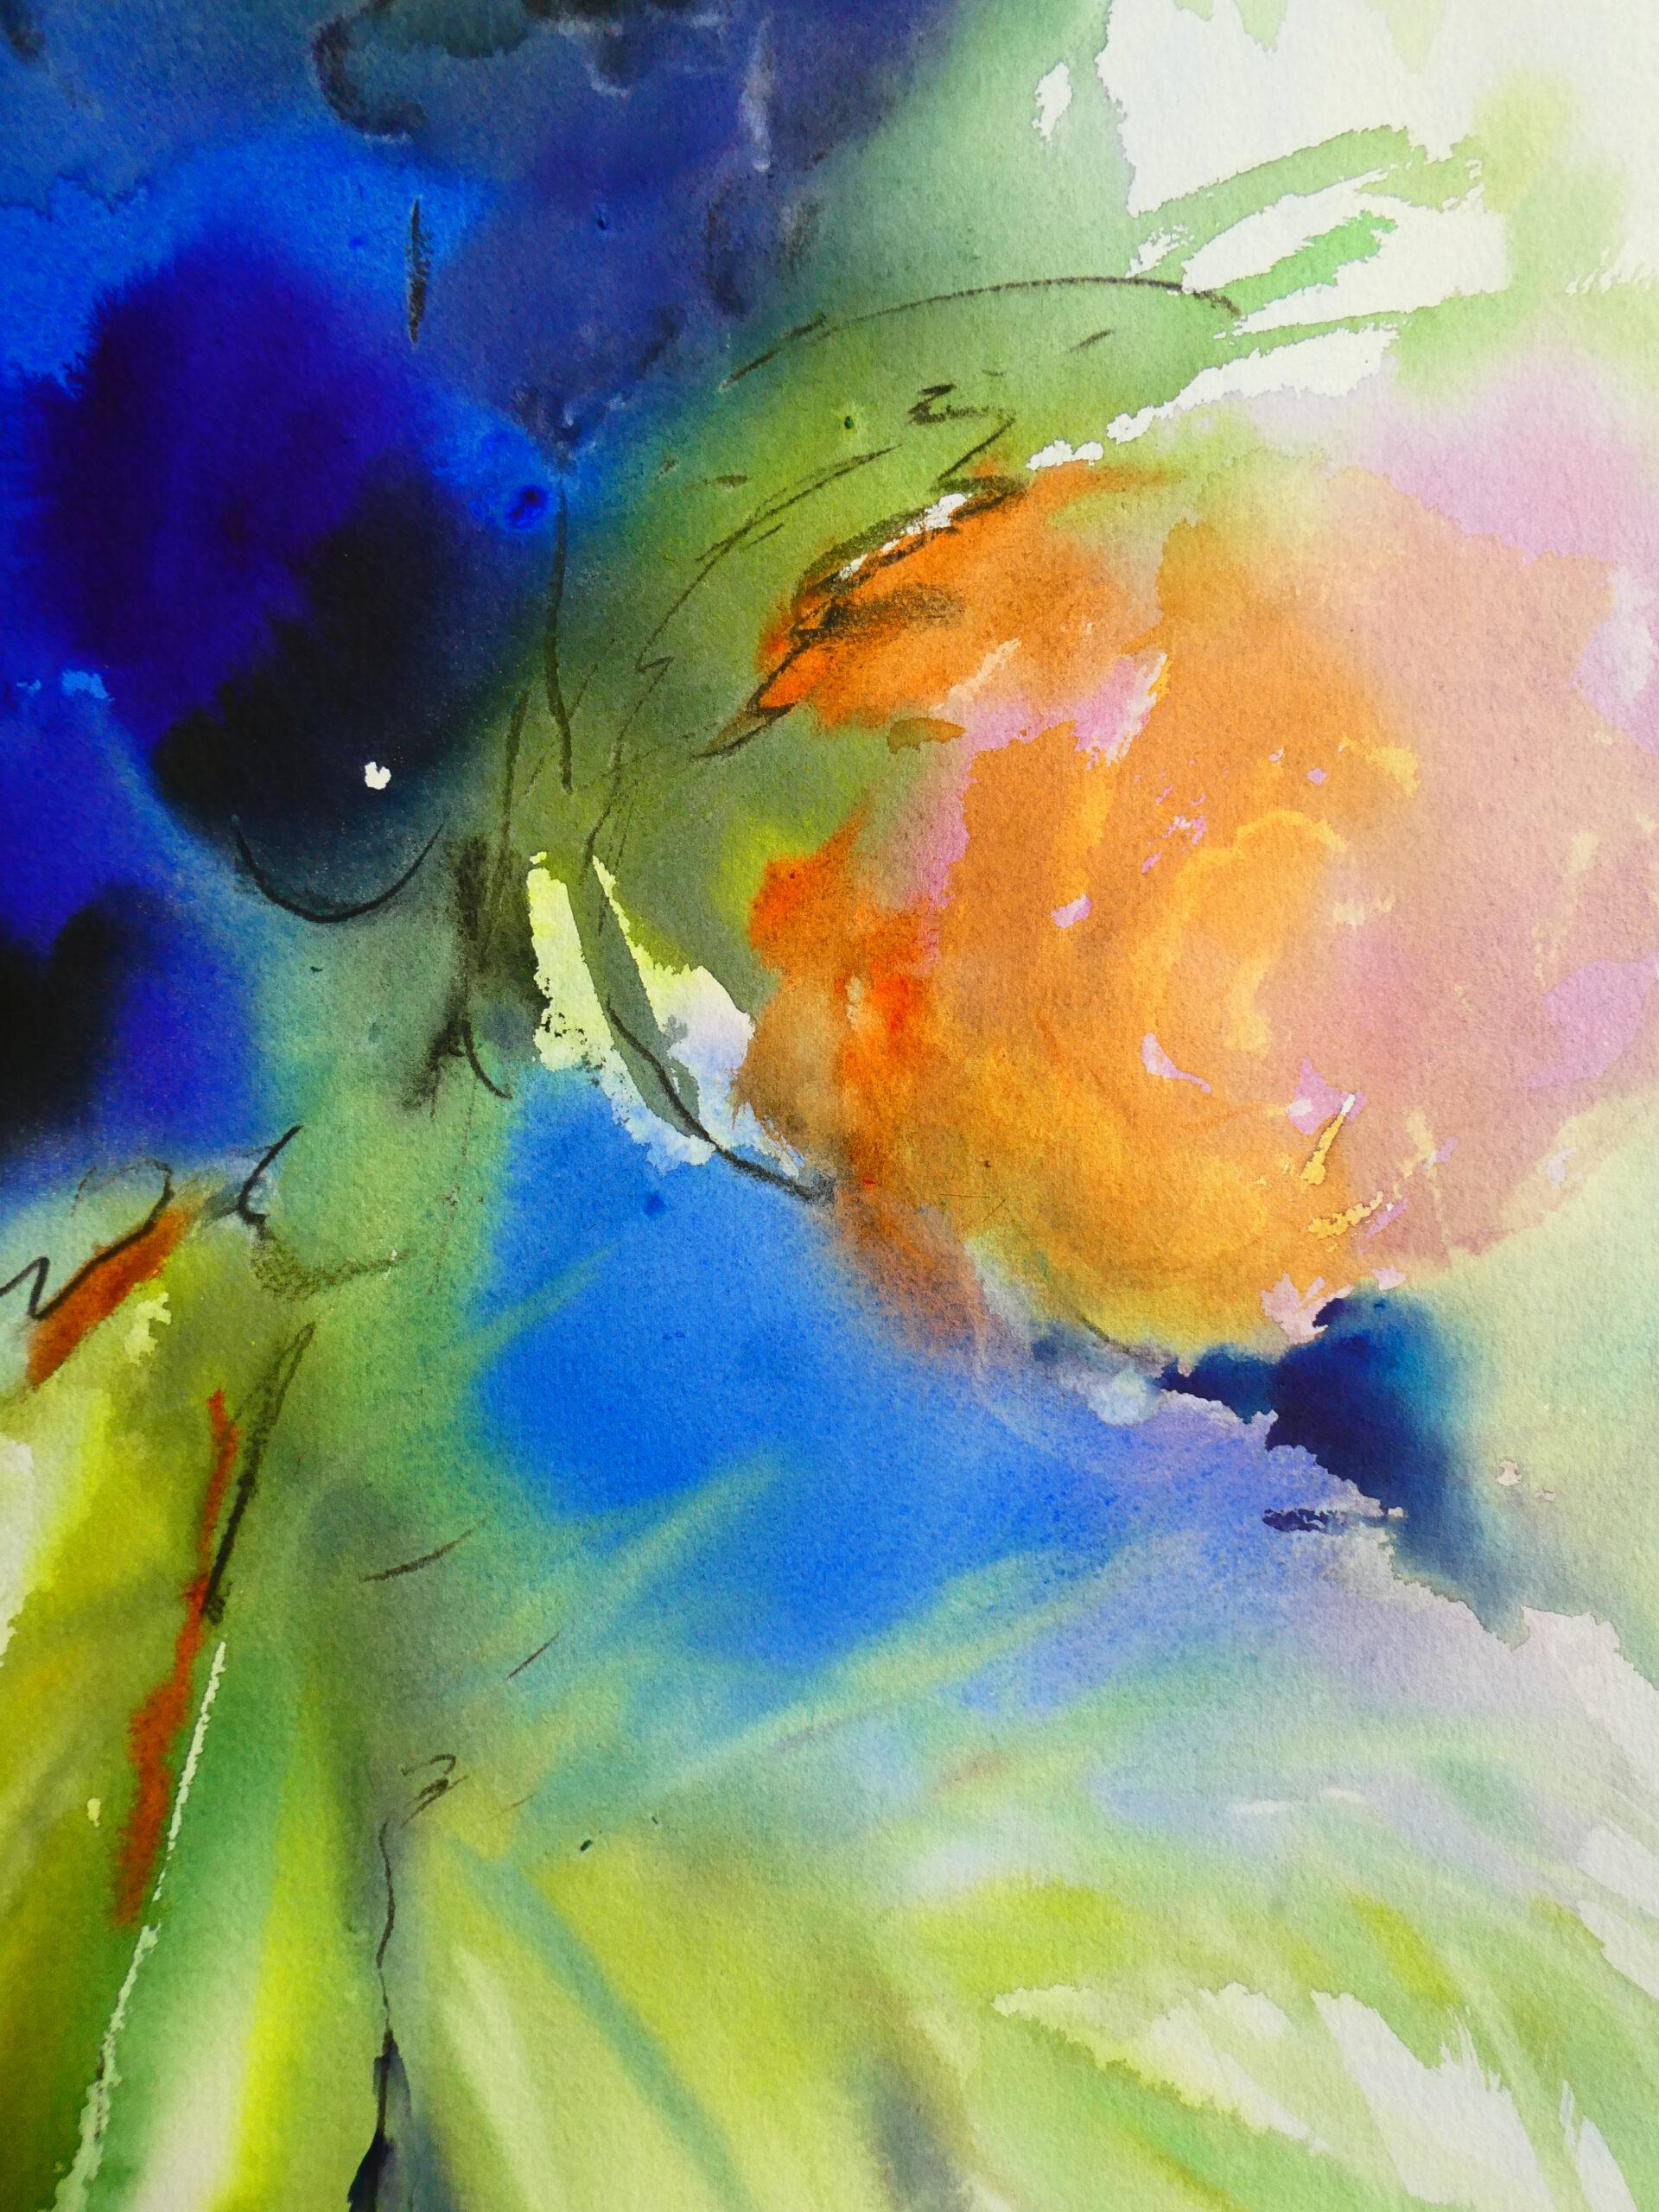 Aquarell, 60 x 80 cm (Ausschnitt)